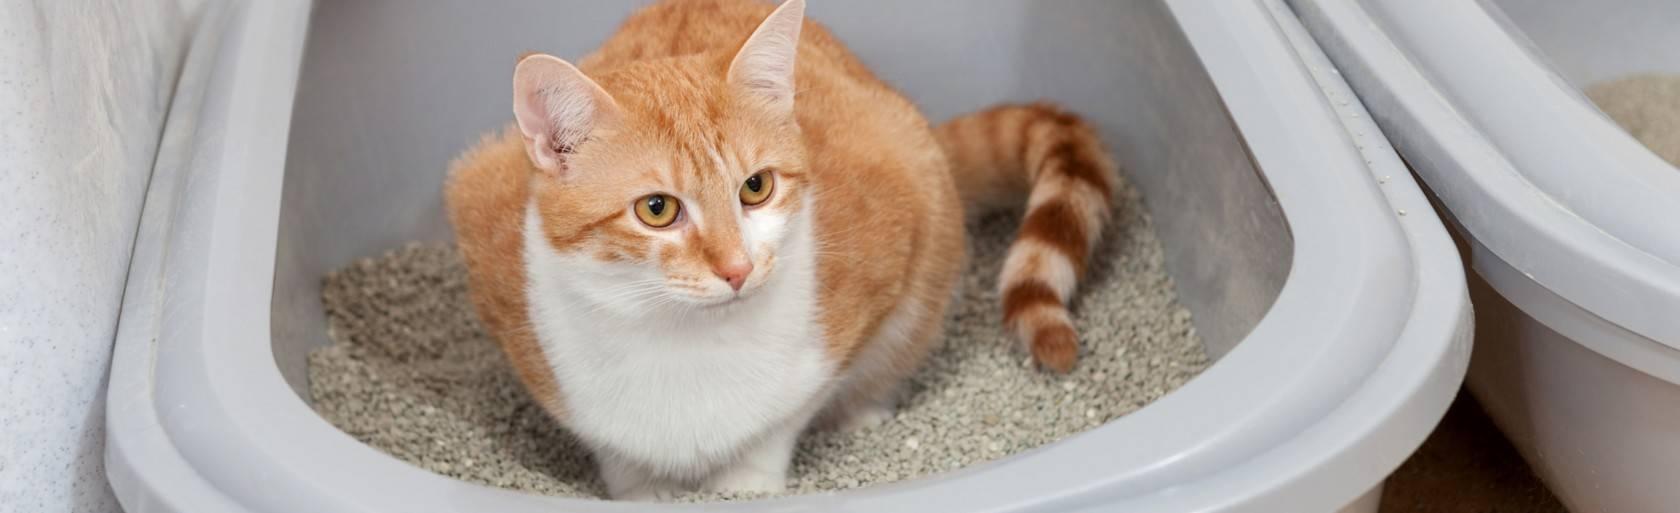 Другой цвет мочи у кошек (коричневый, красный, розовый) - симптомы, лечение, препараты, причины появления | наши лучшие друзья